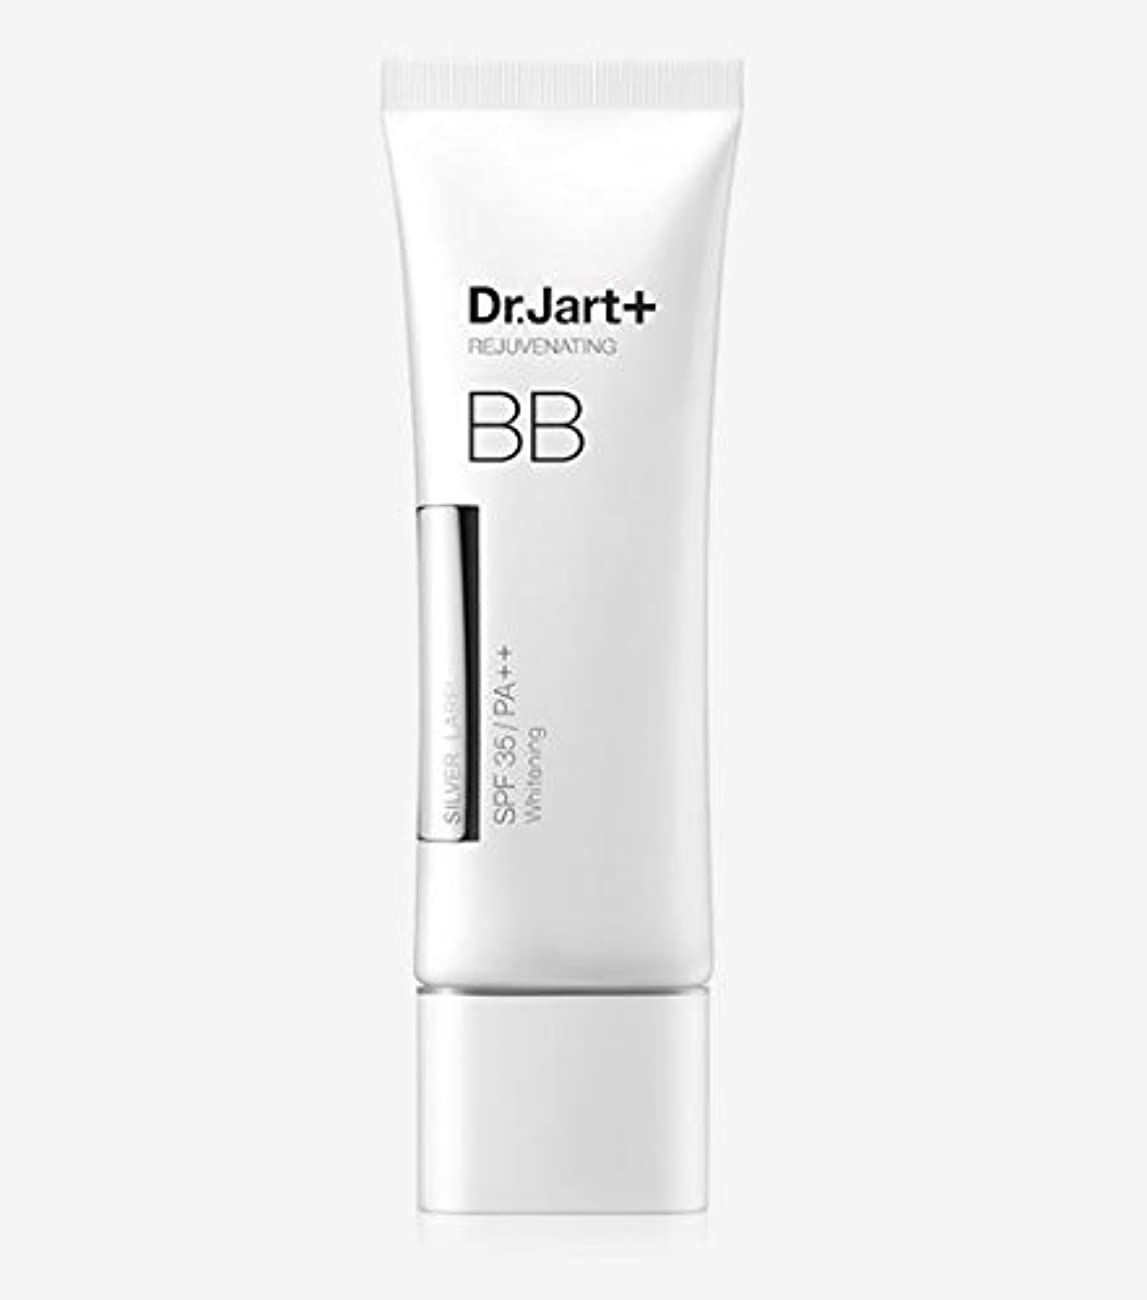 手書きアーティキュレーションロッジ[Dr. Jart] Silver Label BB Rejuvenating Beauty Balm 50ml SPF35 PA++/[ドクタージャルト] シルバーラベル BB リジュビネイティング ビューティー バーム...